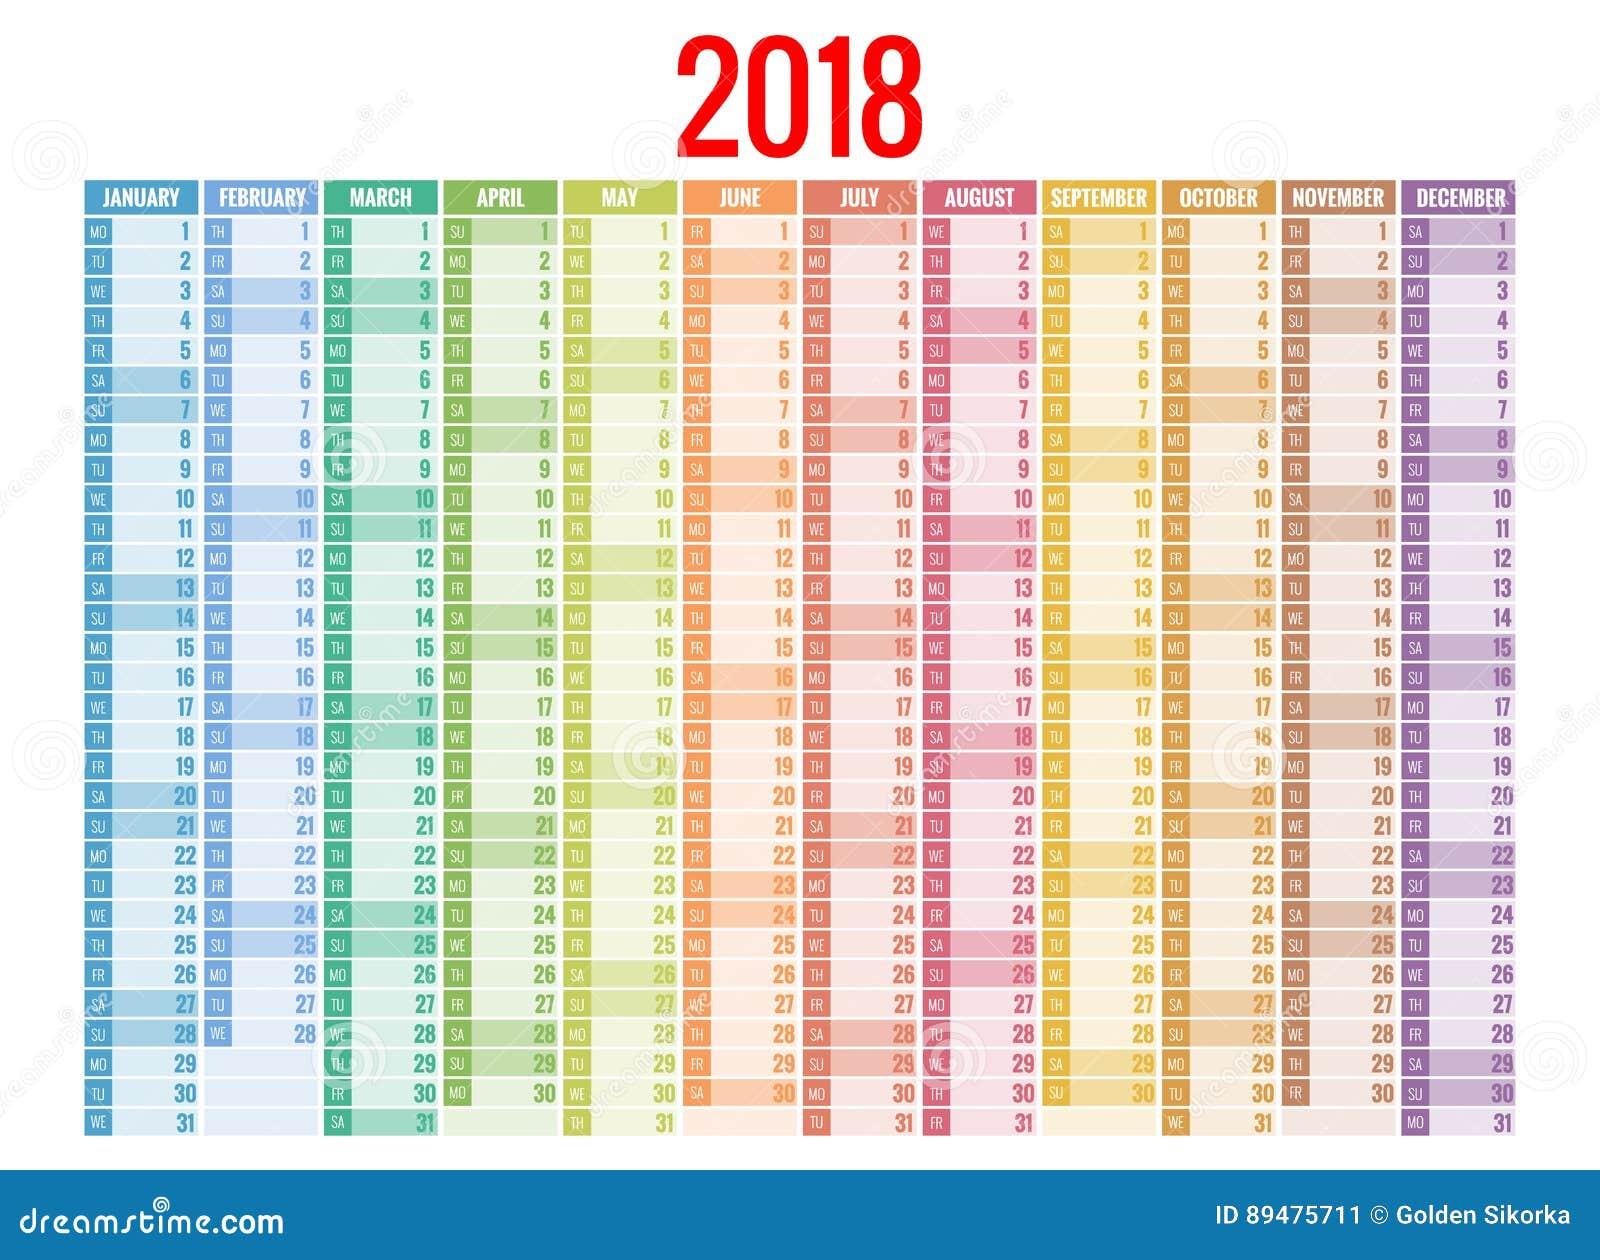 Kalender 2018 Tryckmall Veckan startar söndag Denna bild tillhör serien som inkluderar pics med ID: 16095740, 16095345, 16095332,